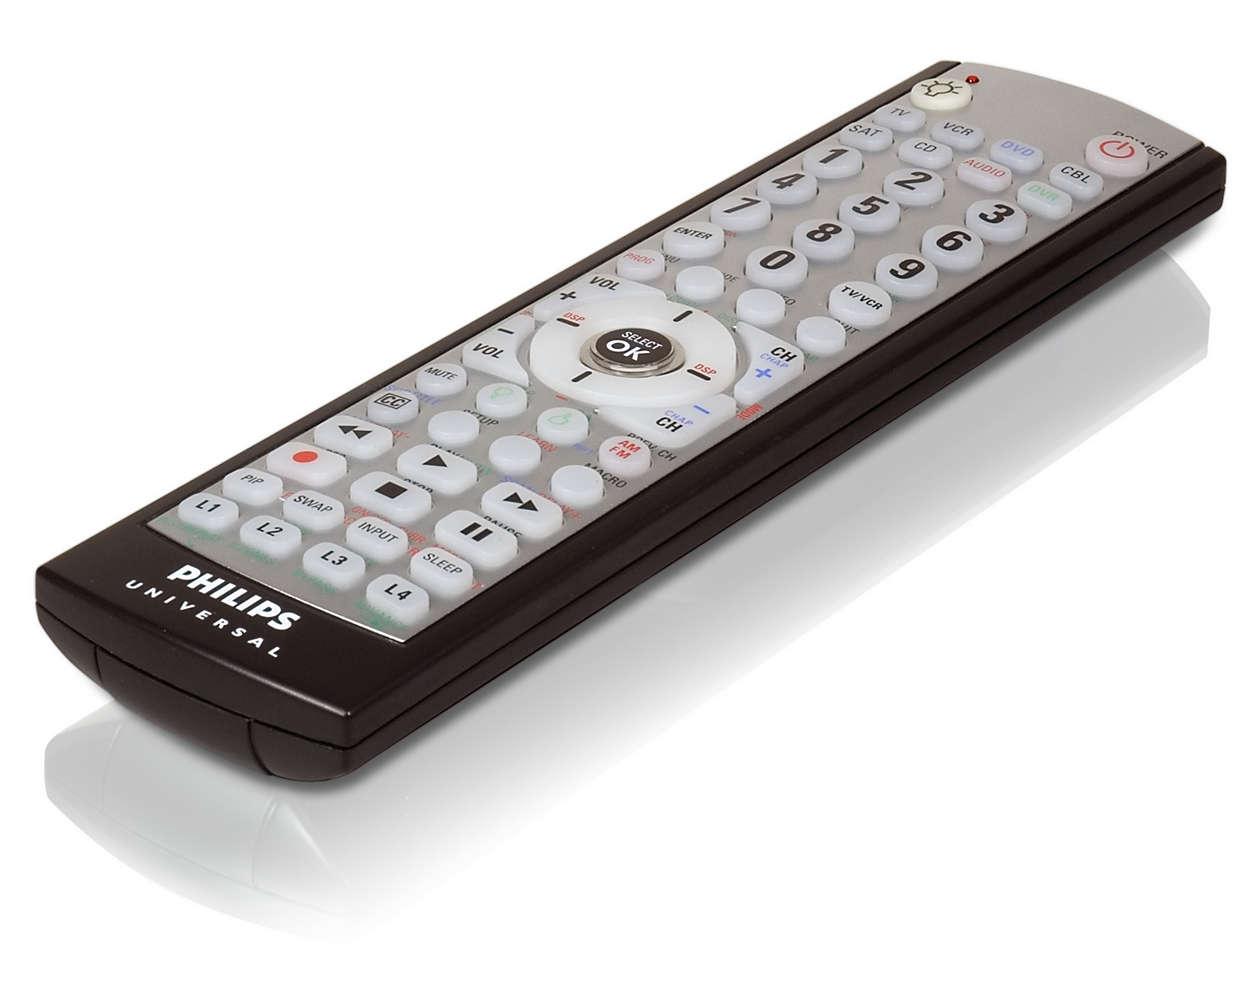 Control remoto para 8 dispositivos con luz en la parte posterior.